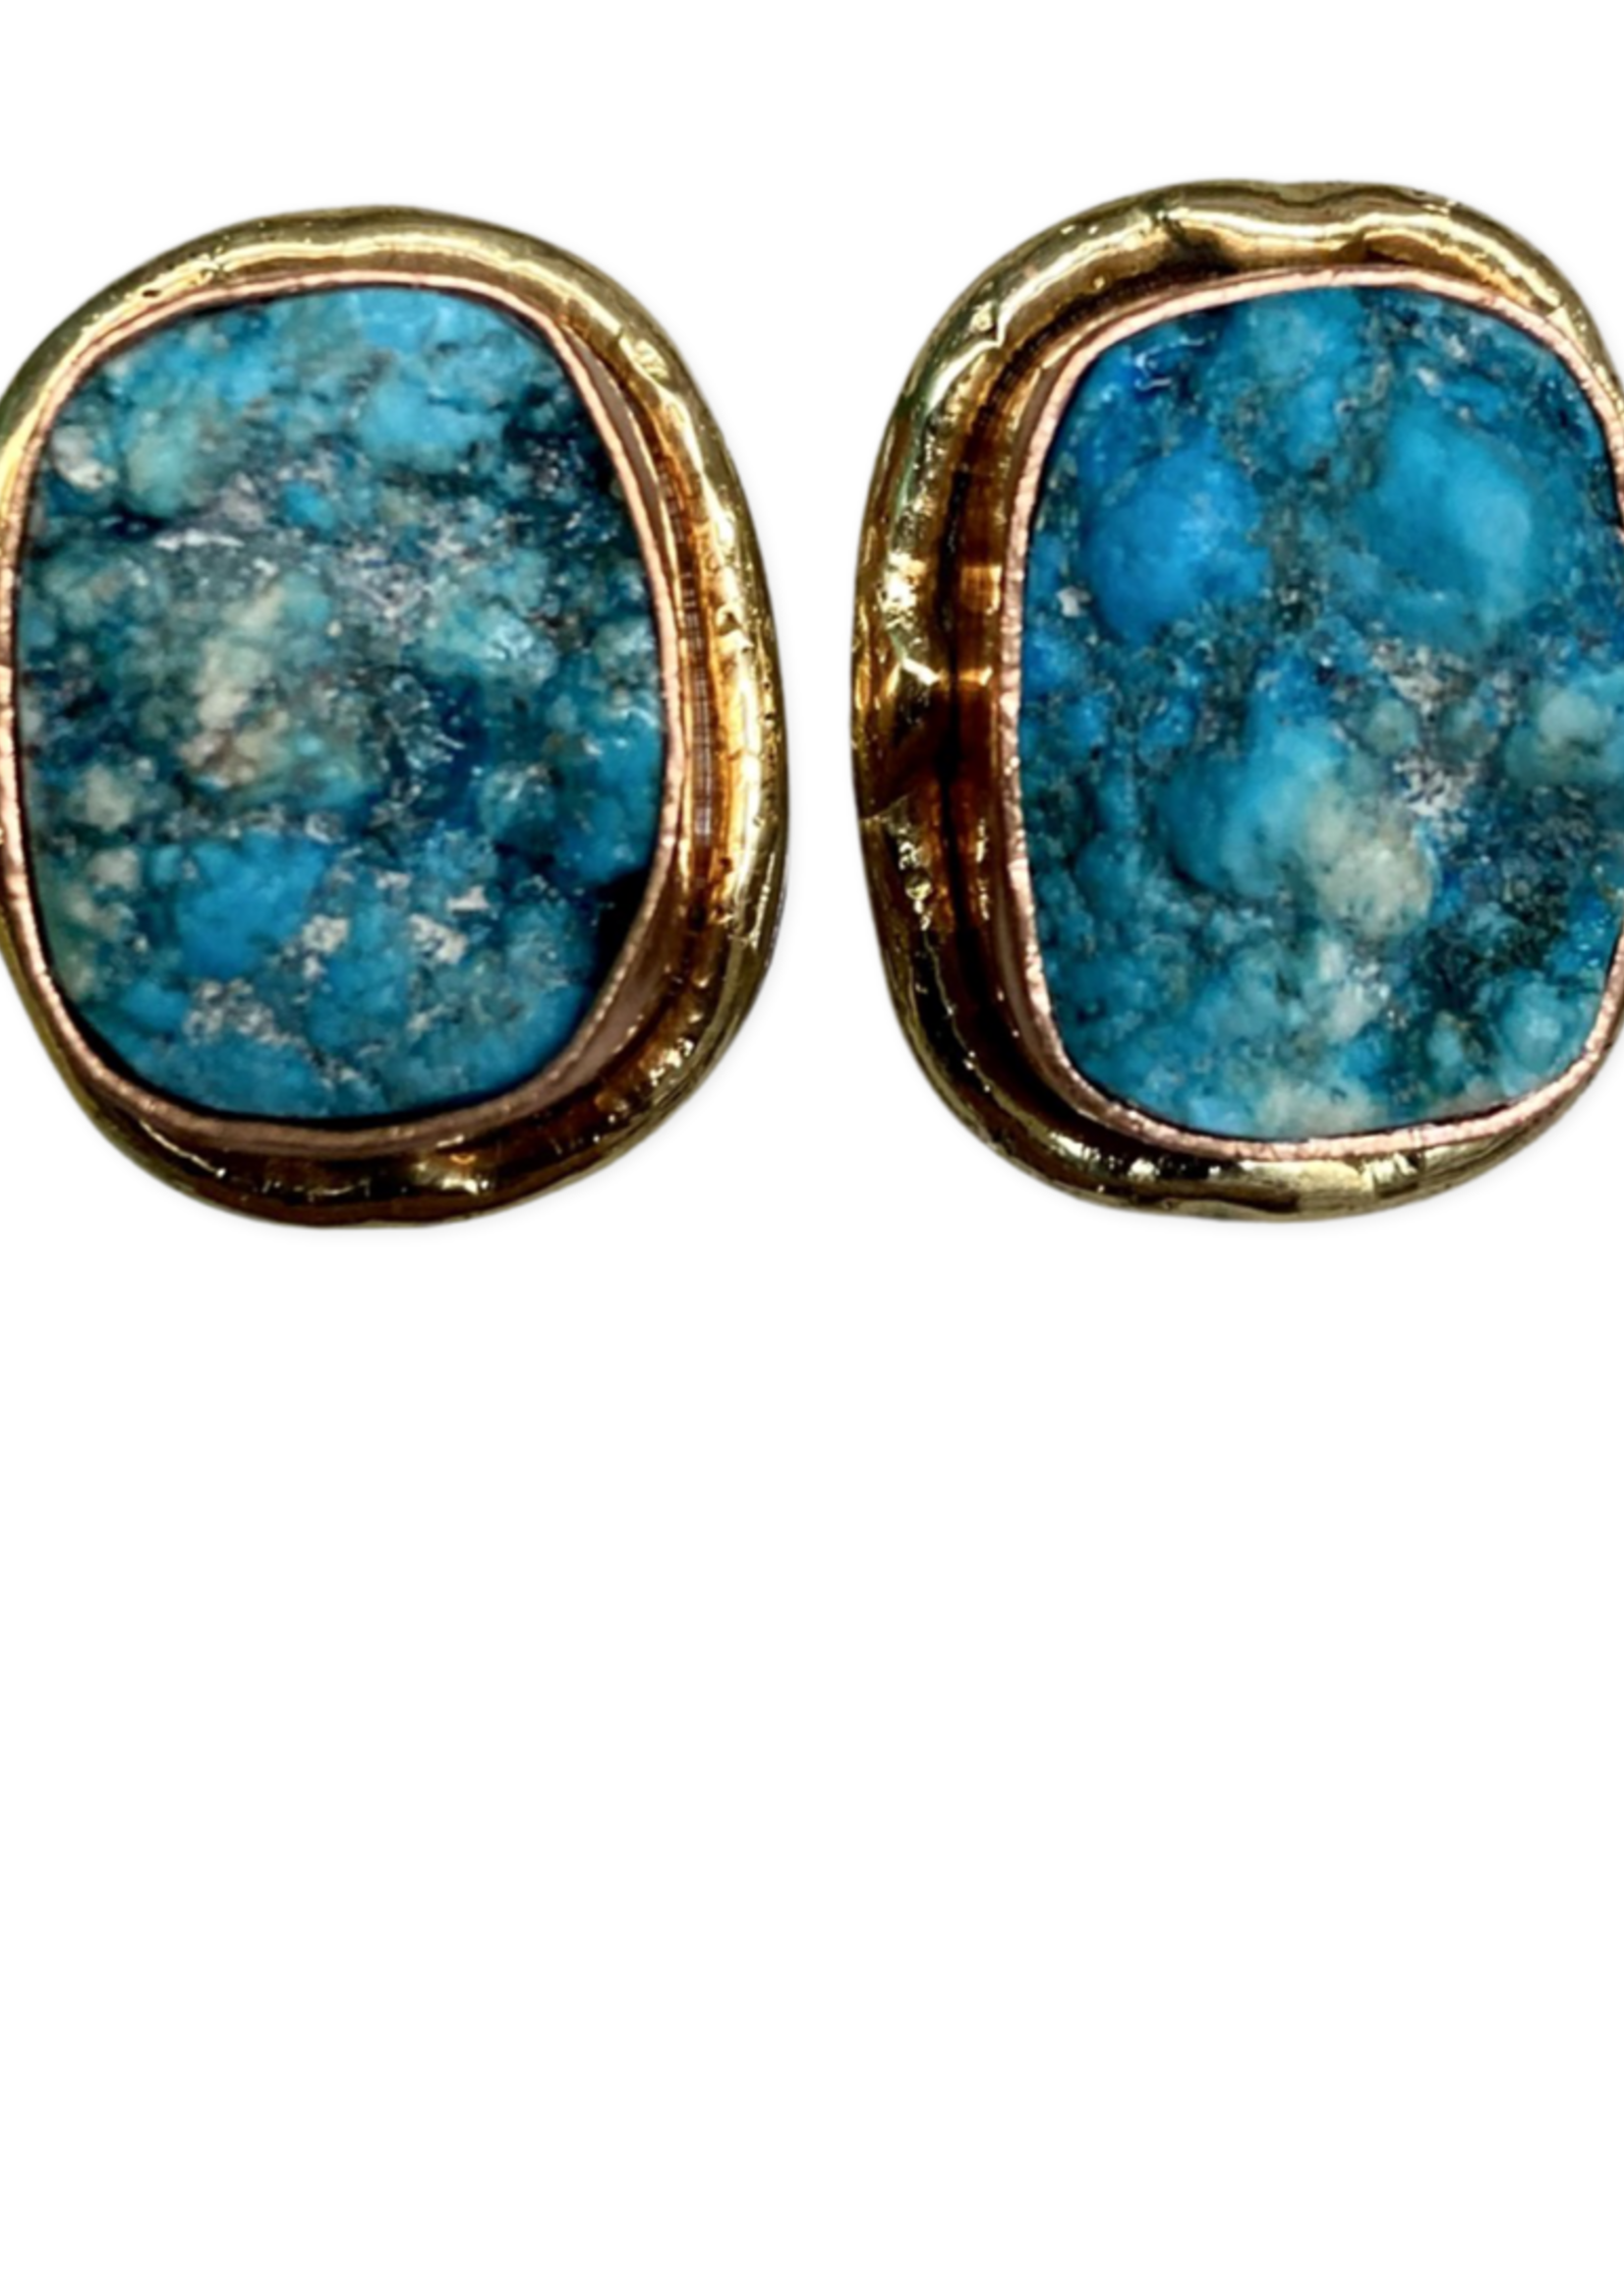 David Jeffery Earrings Turquoise Ruzy